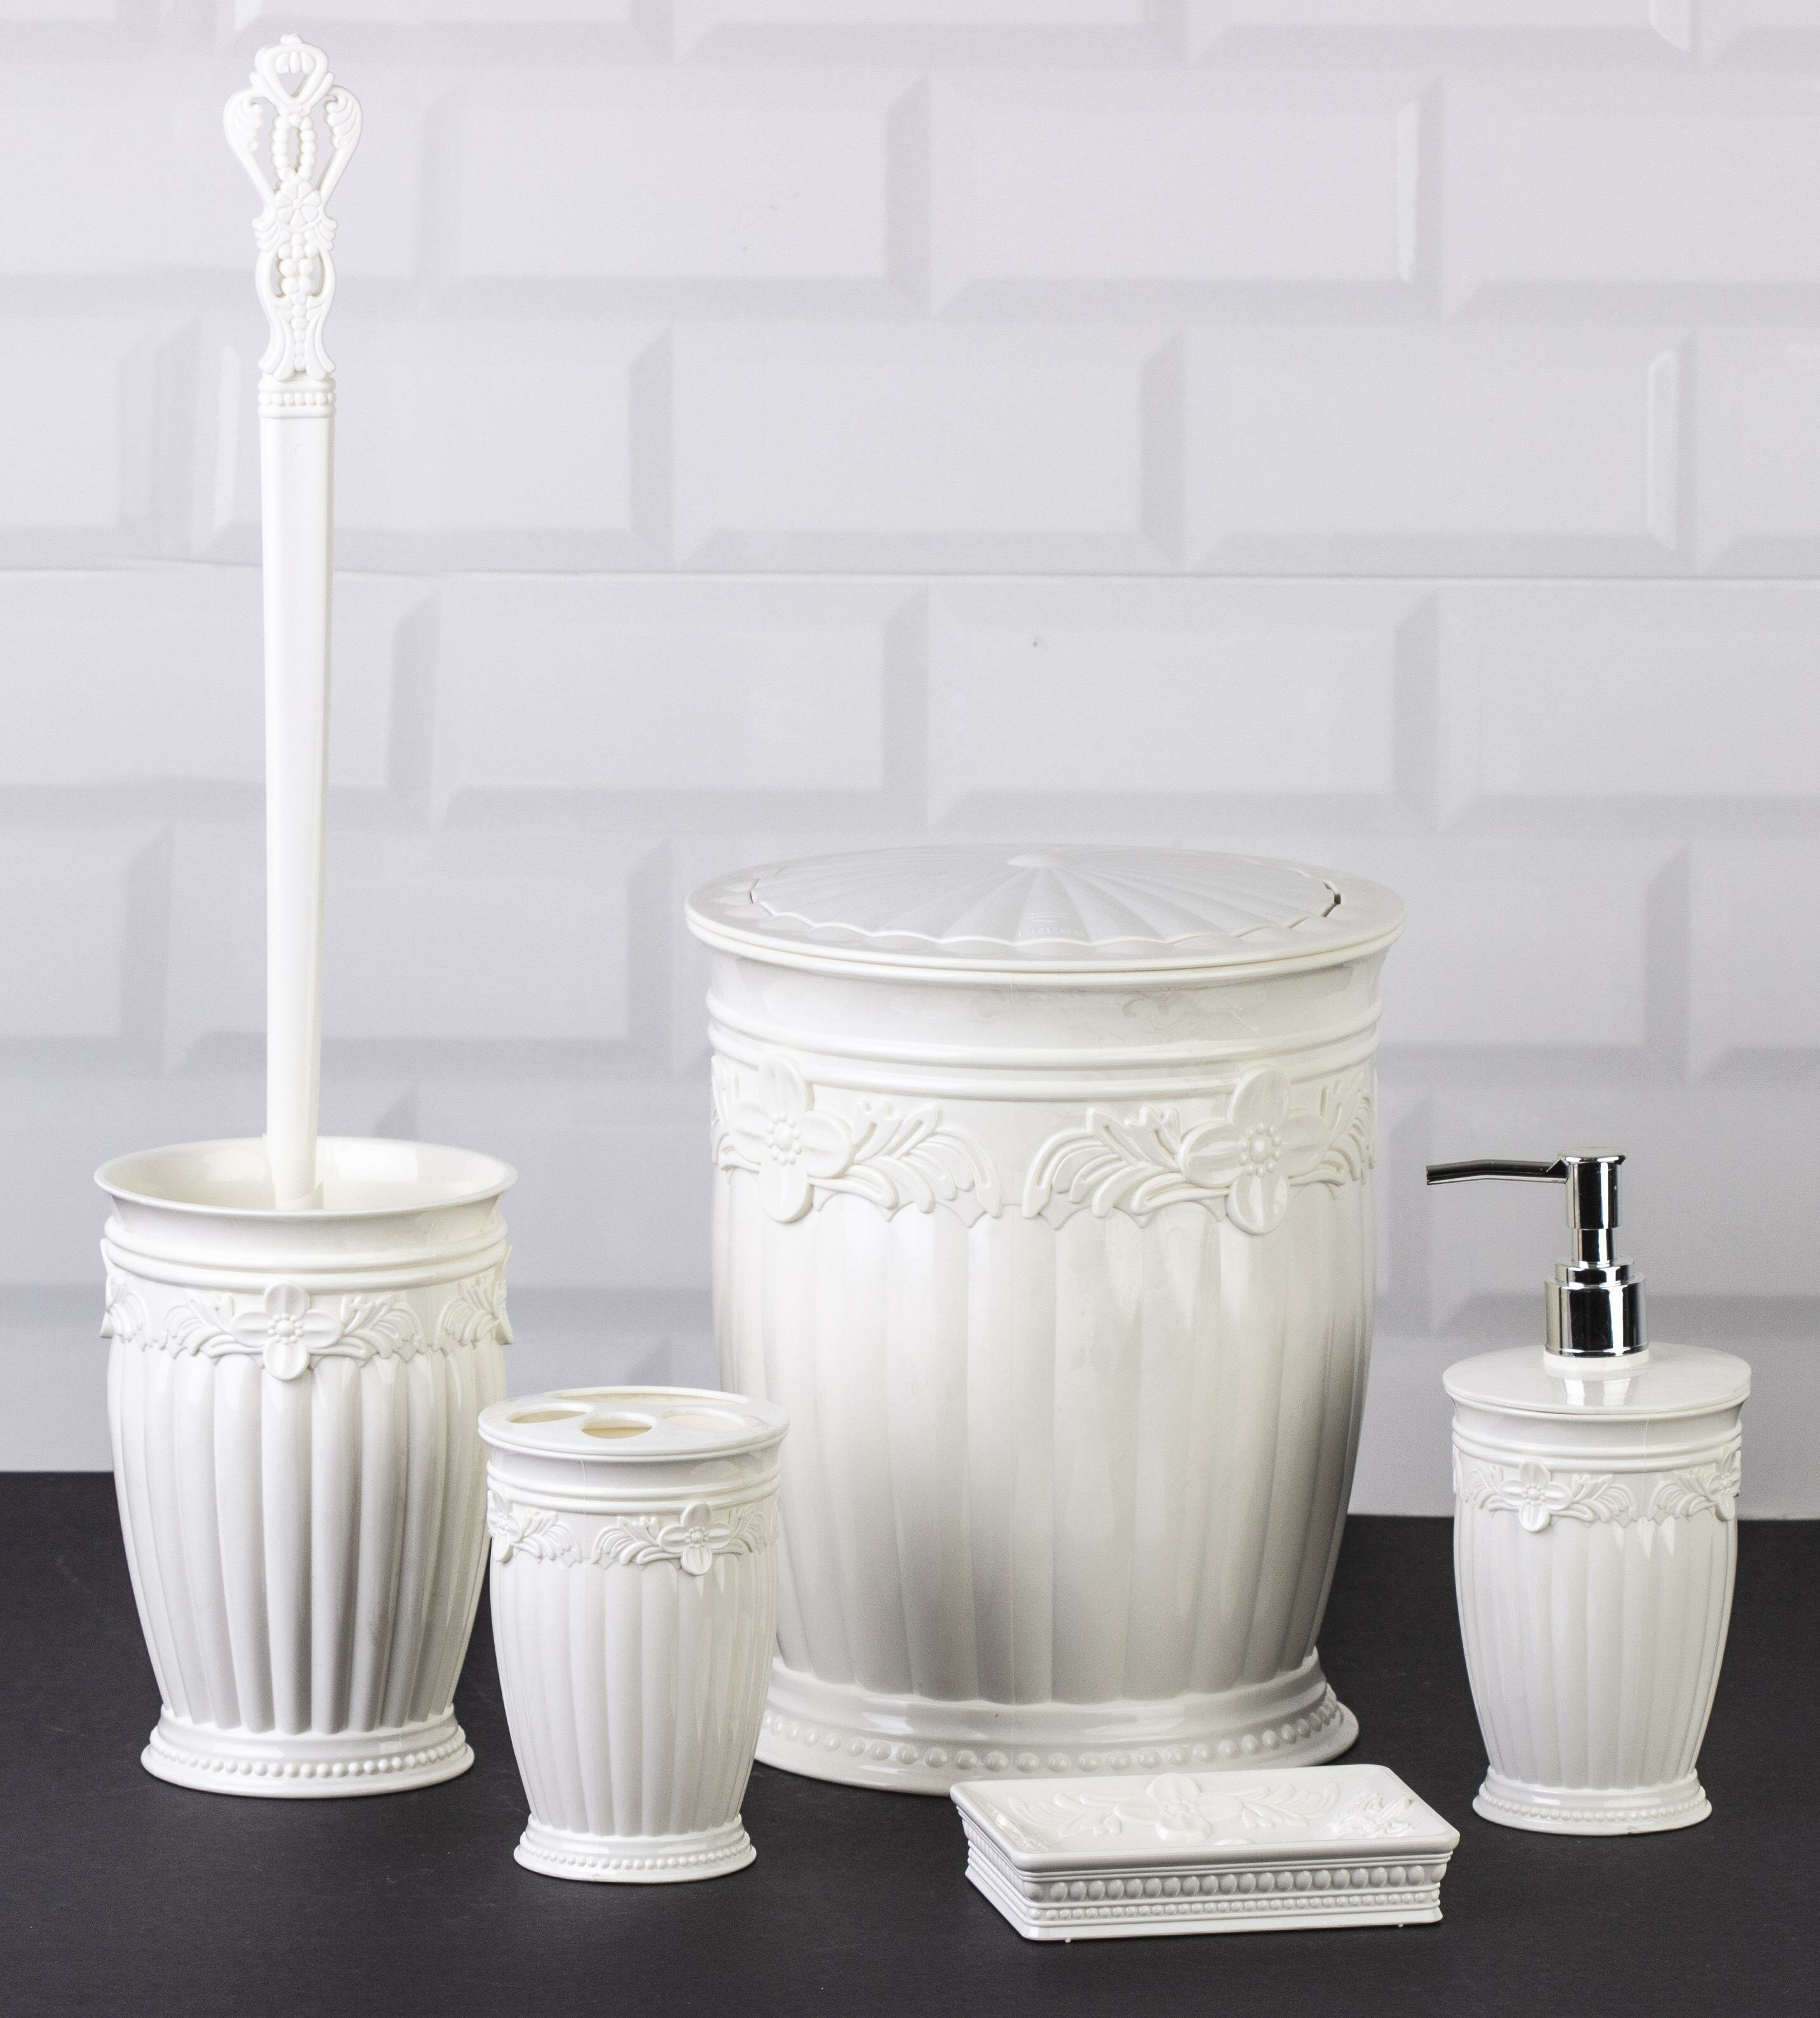 OceanLand Sultan Series 5 Pcs Bathroom Set Hard Plastic Toothbrush Holder Soap Dispenser Toilet Brush Dustbin enlarge